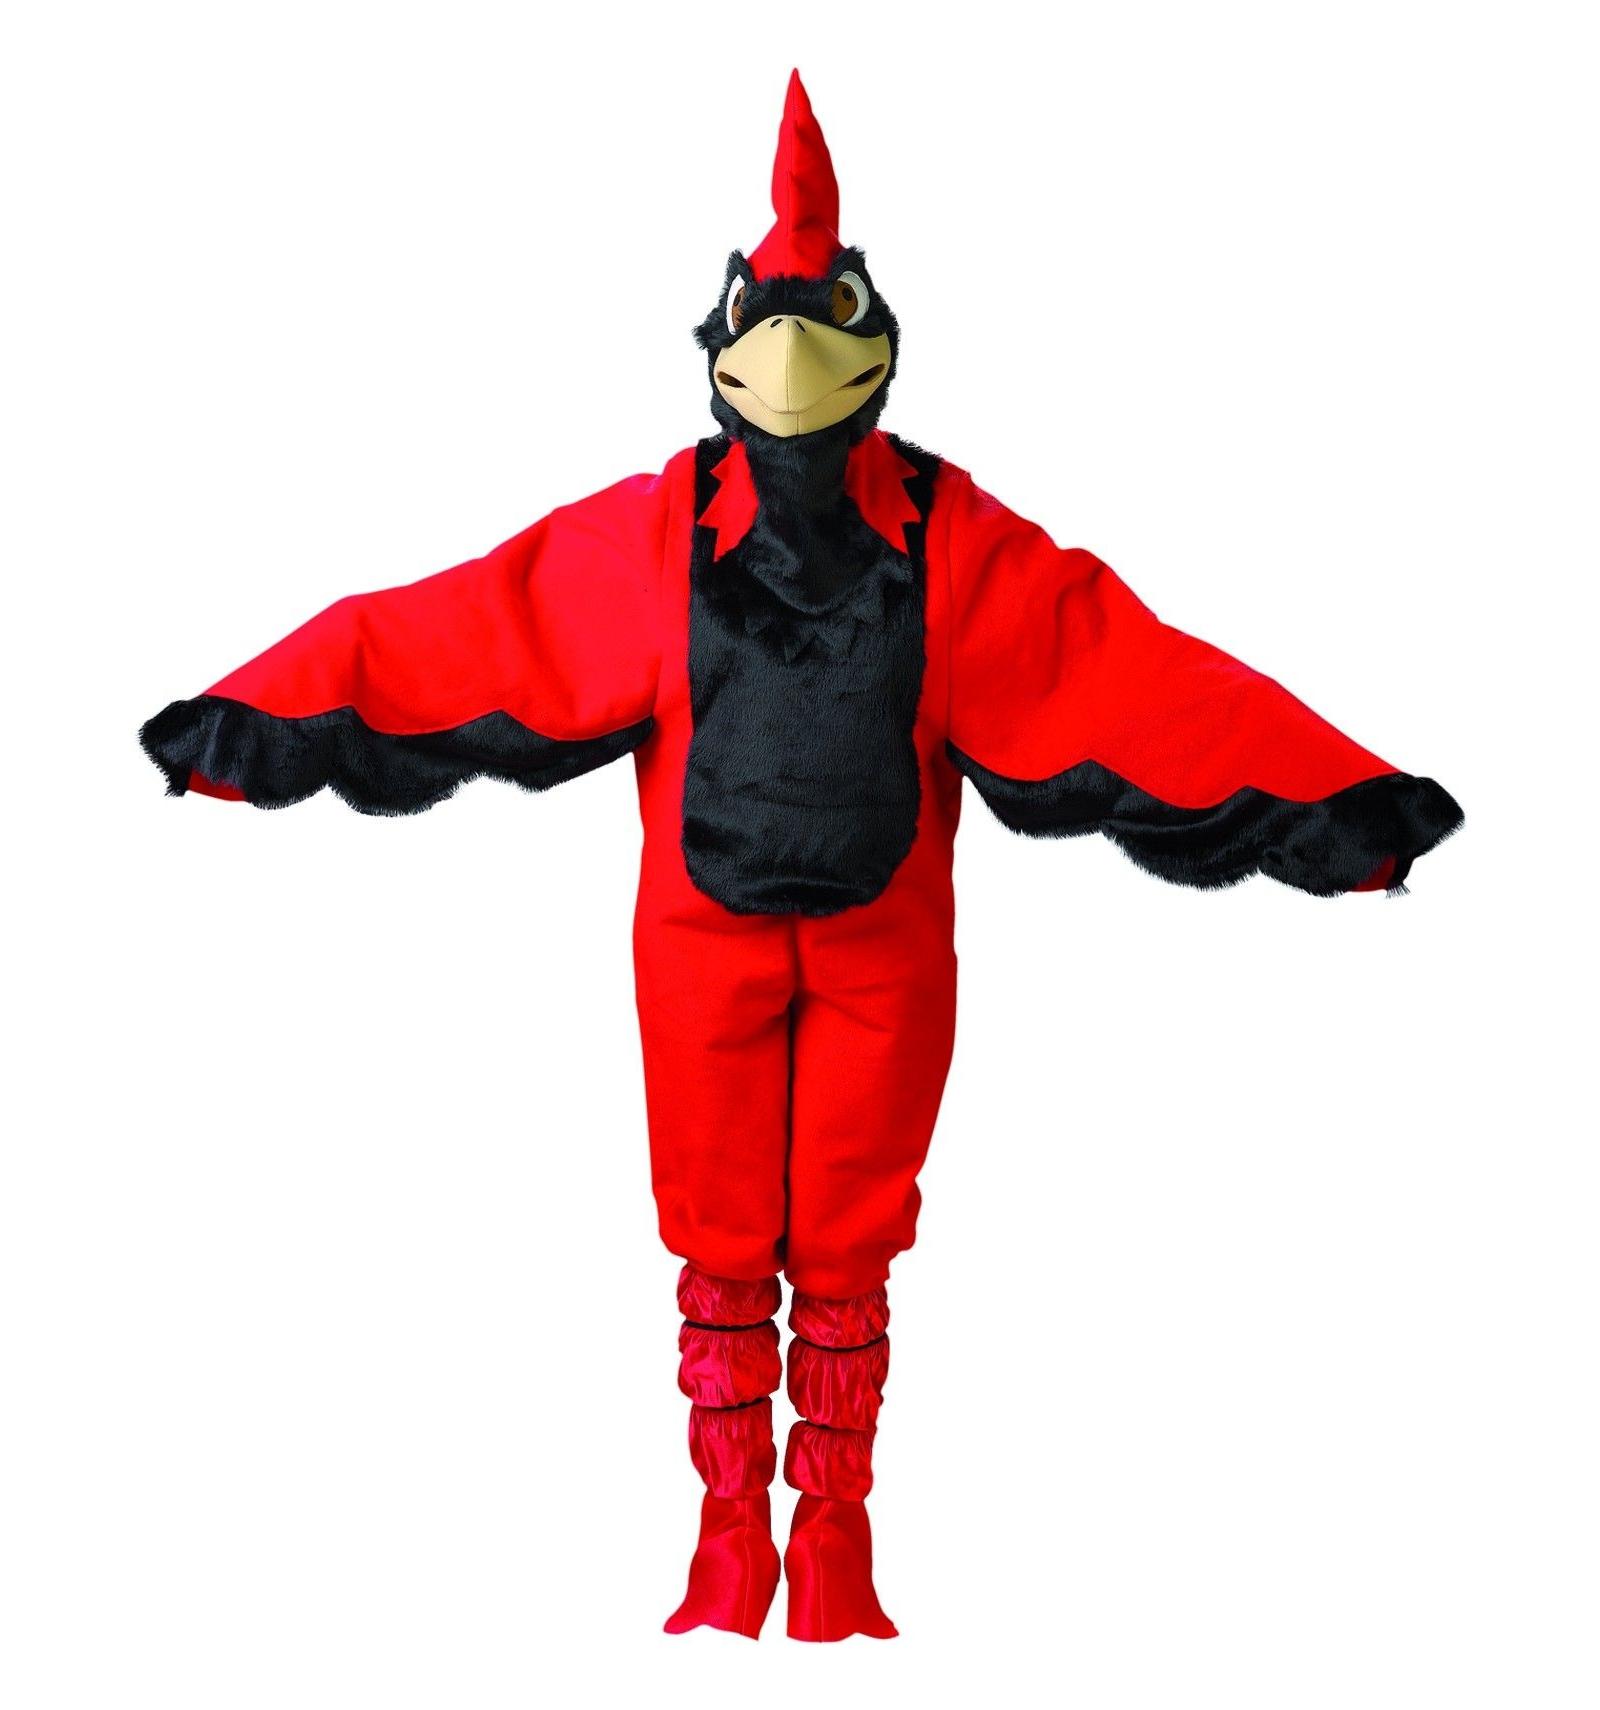 d guisement oiseau rouge adulte magasin deguisements offres. Black Bedroom Furniture Sets. Home Design Ideas